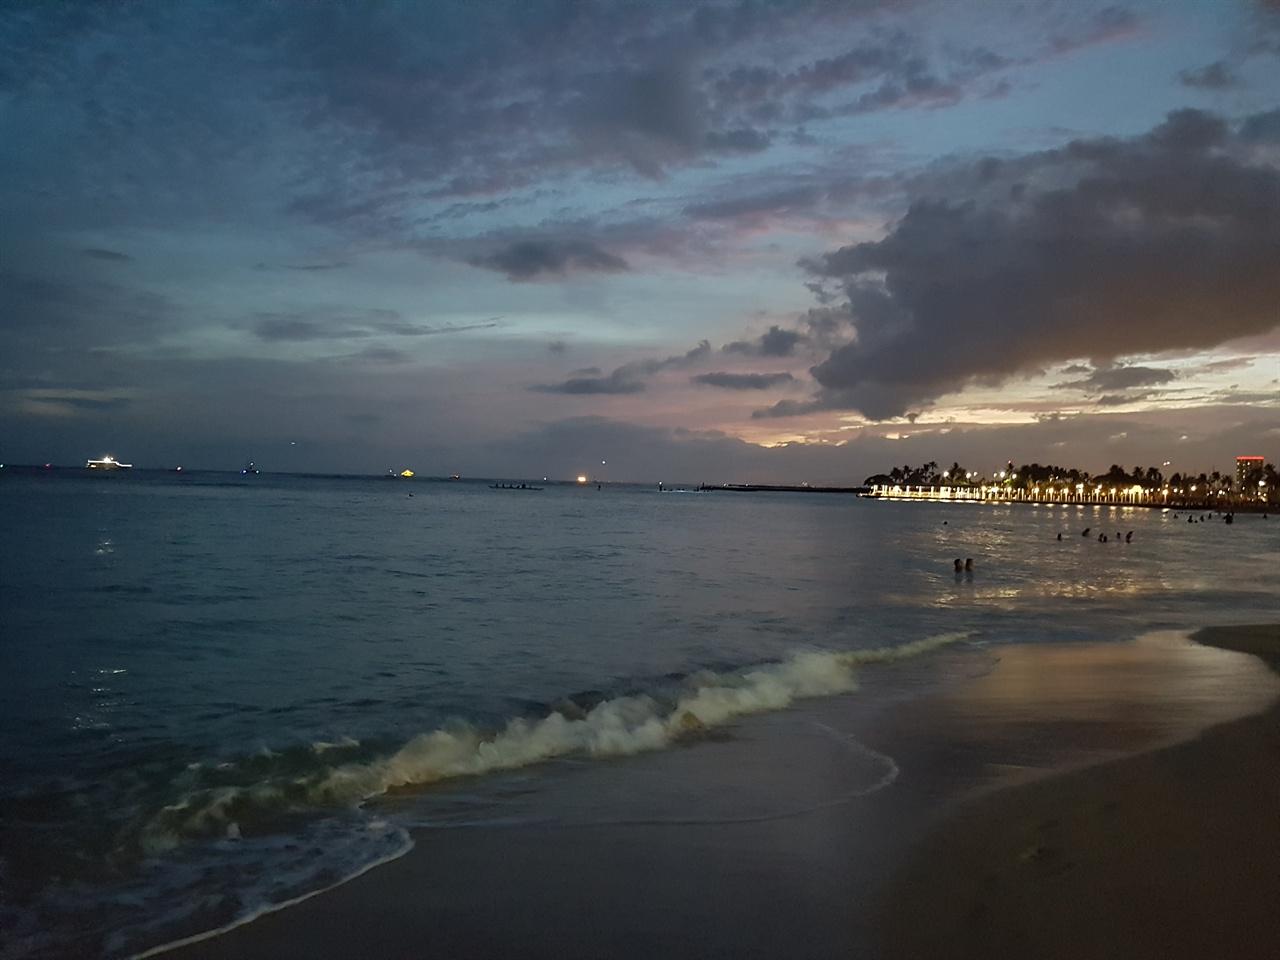 아름다운 하와이의 일몰, 바닷가는 깨끗했다.